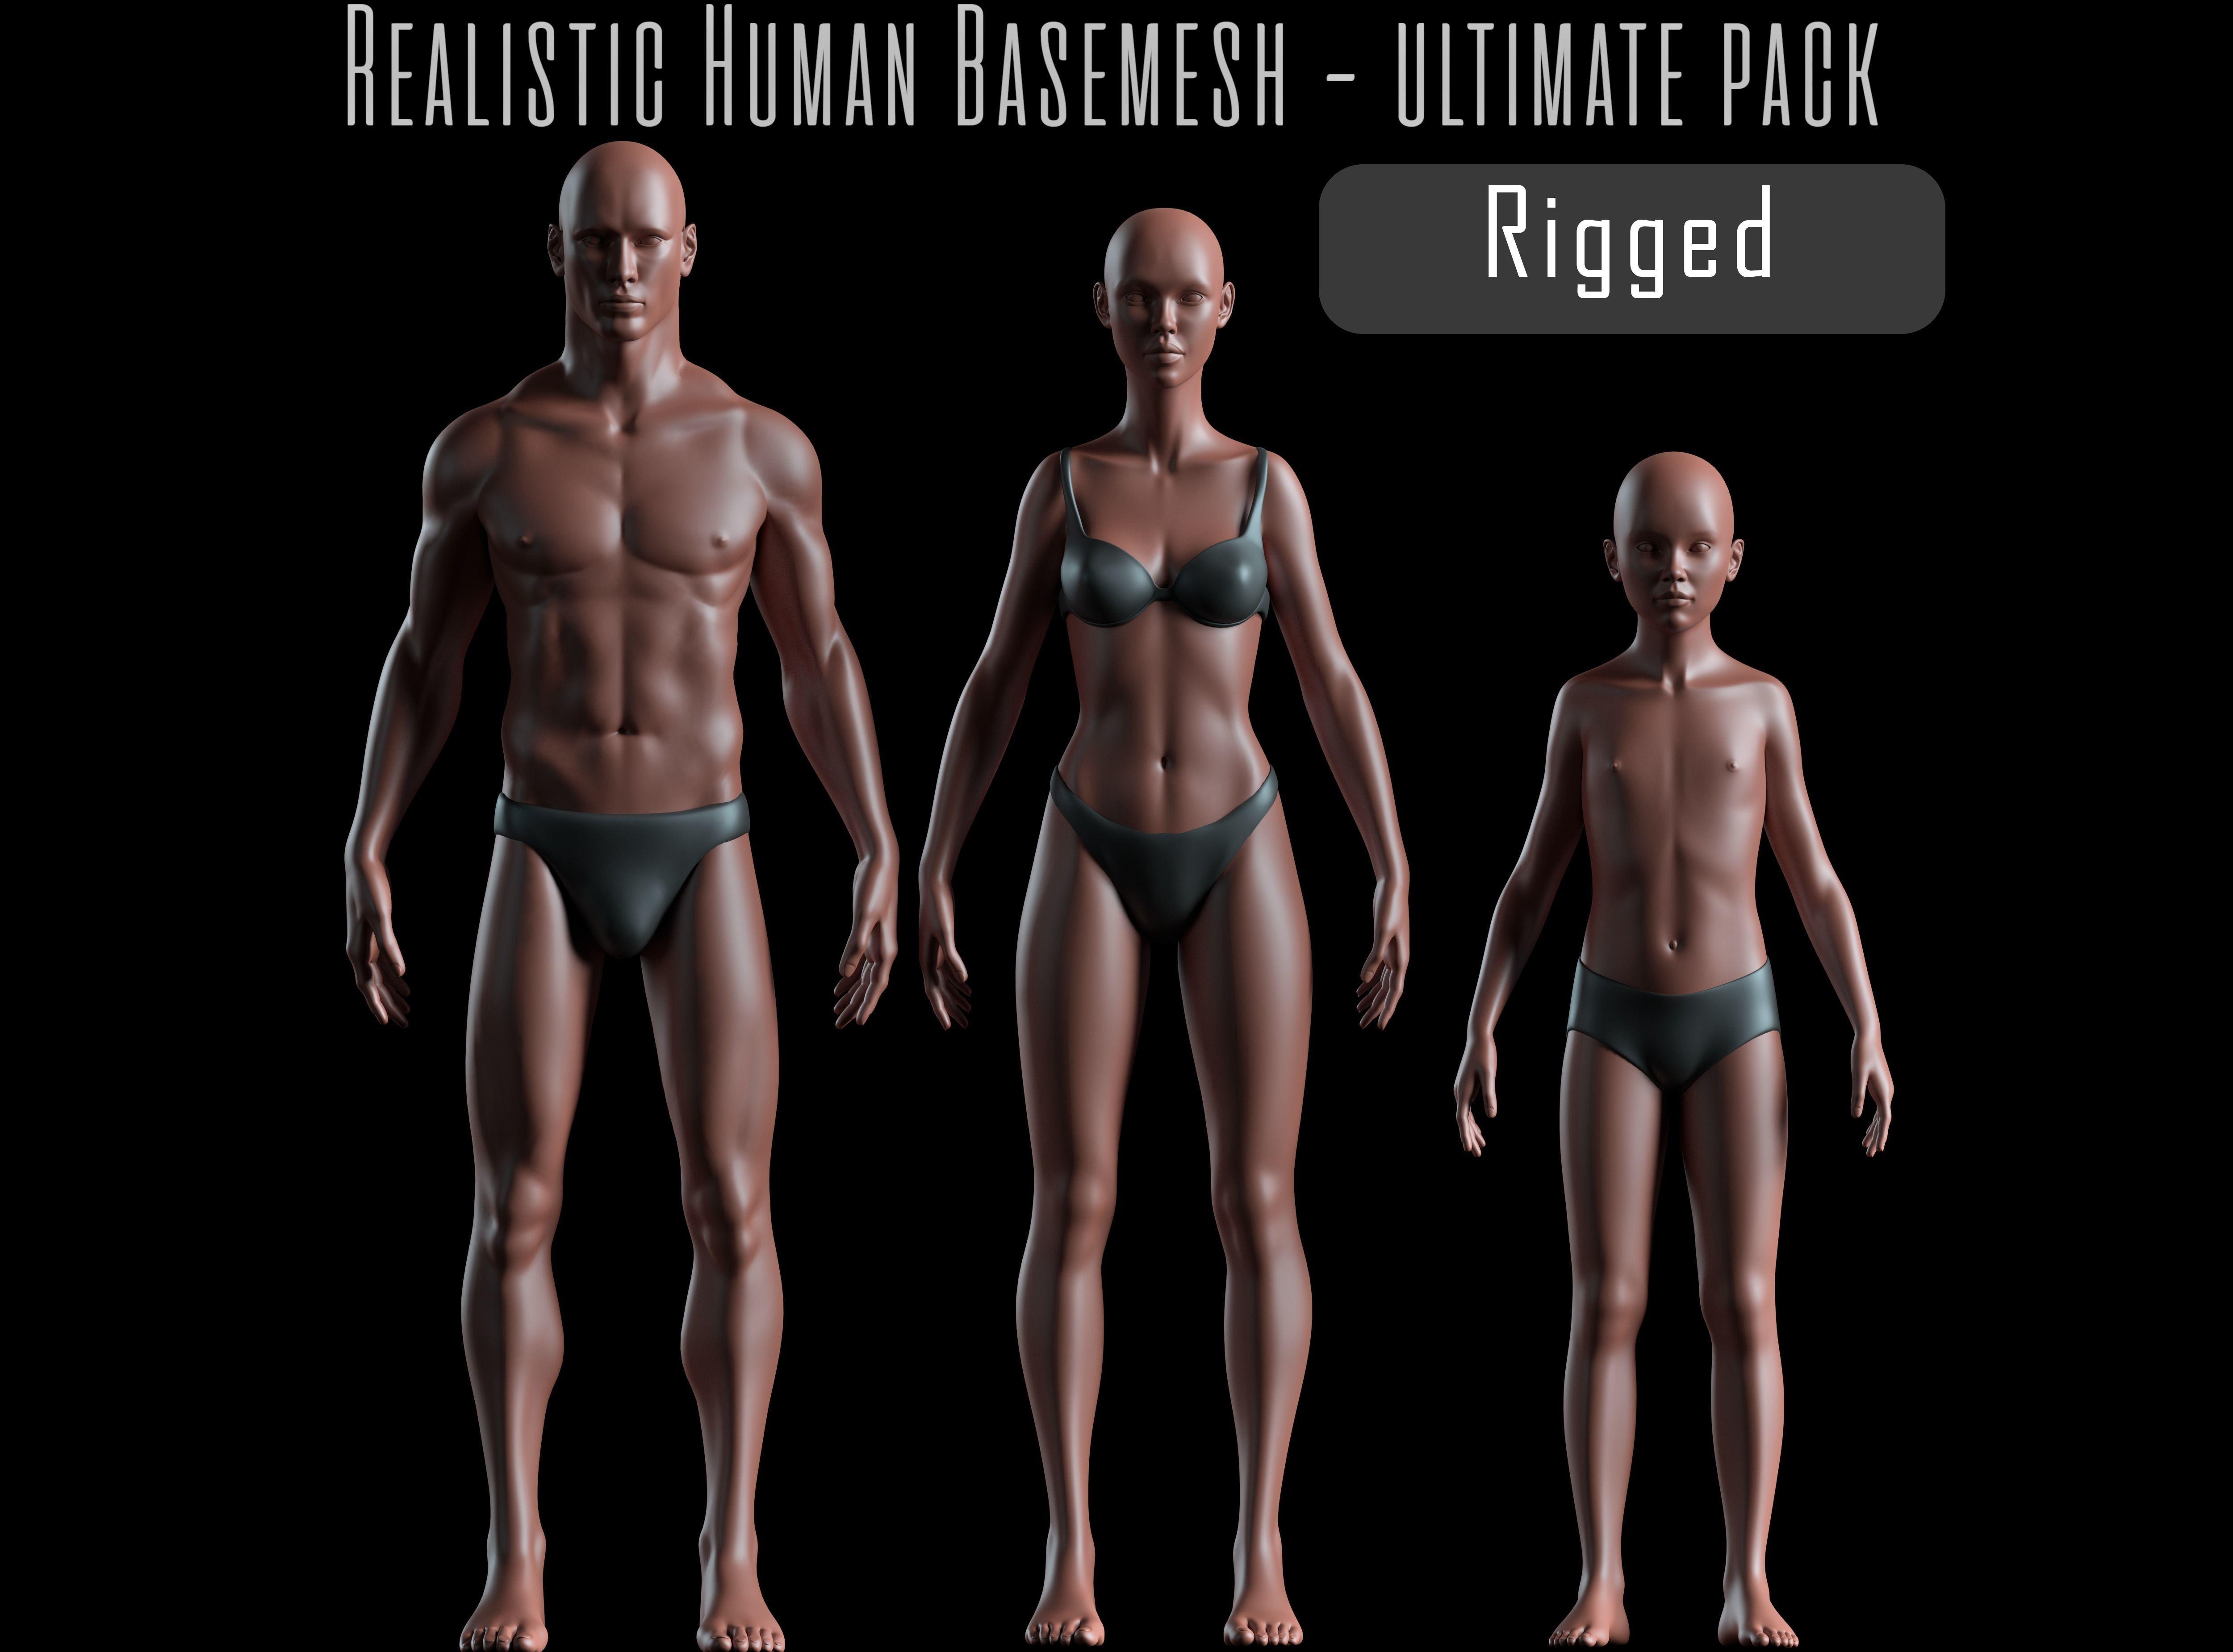 Realistic Human Body Basemesh - UVMapped - Rigged